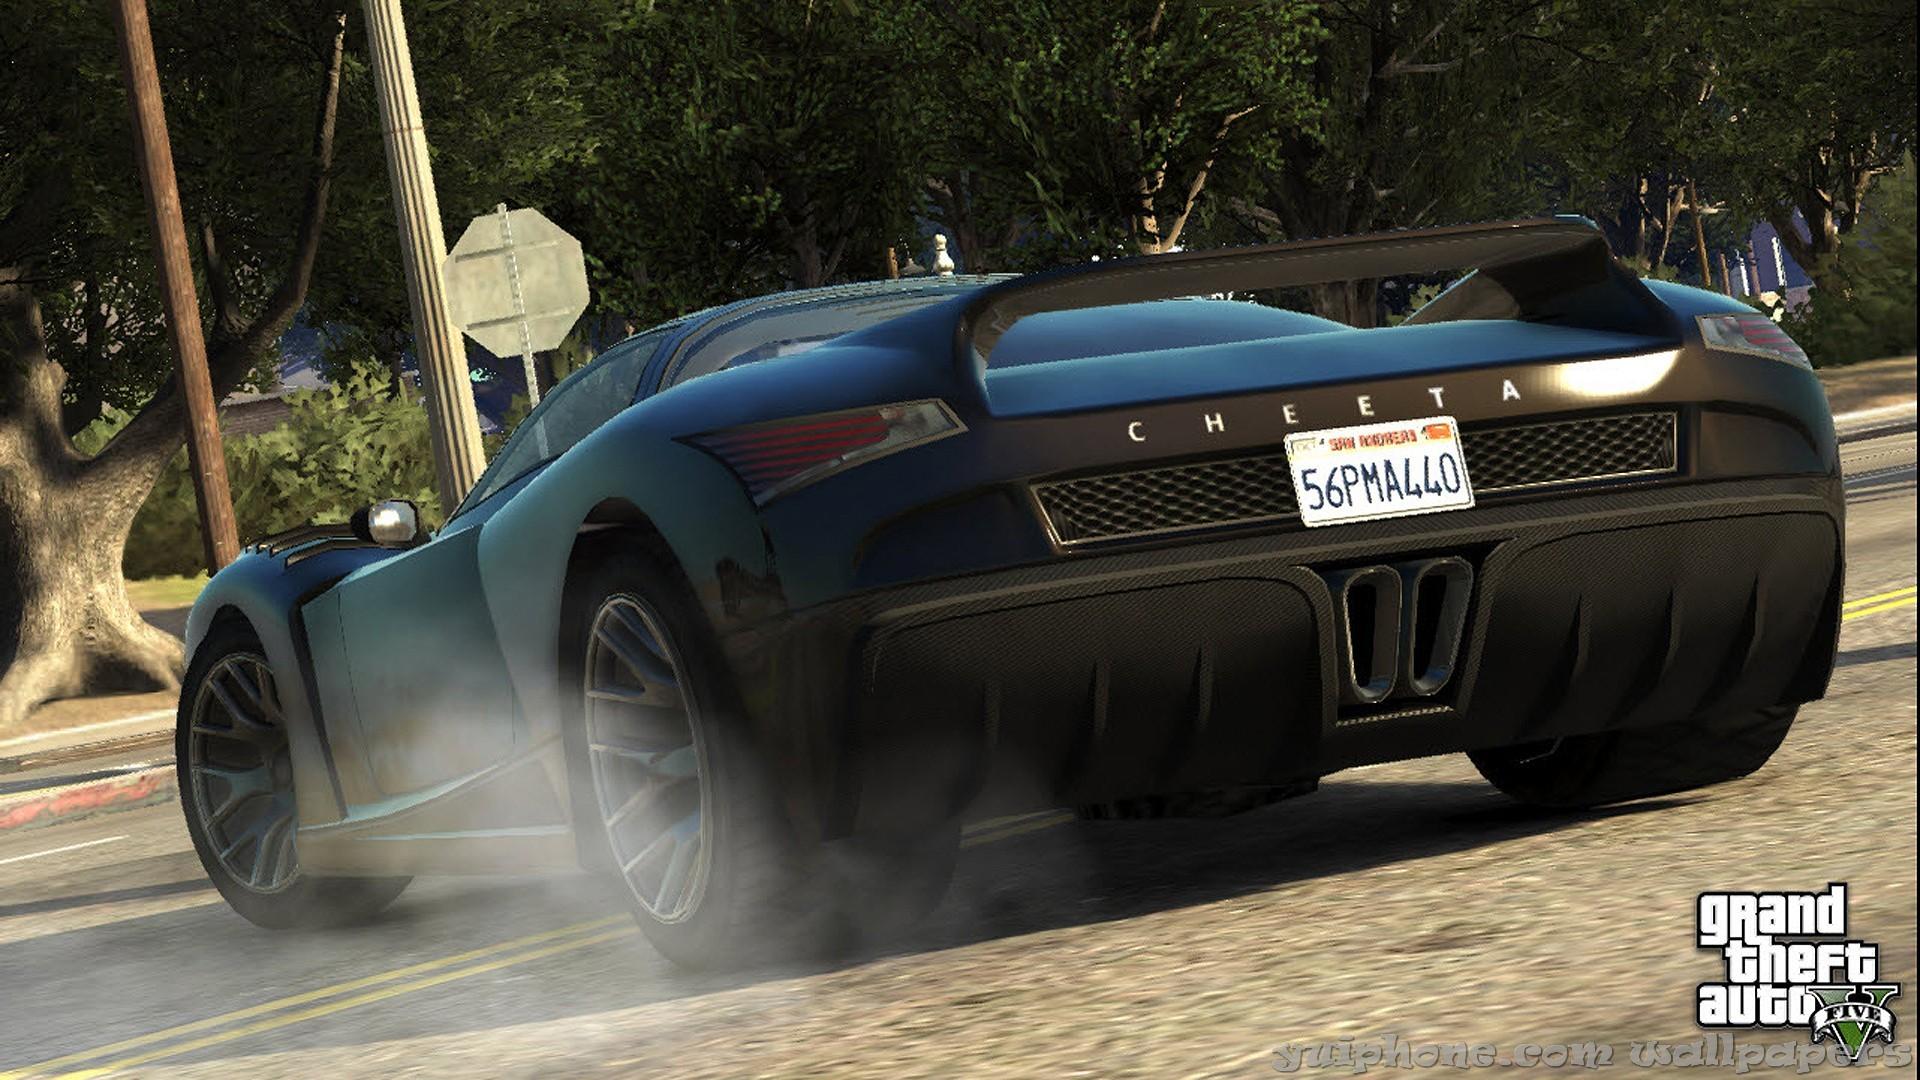 Wallpaper 1920x1080 Px Car Grand Theft Auto V Video Games